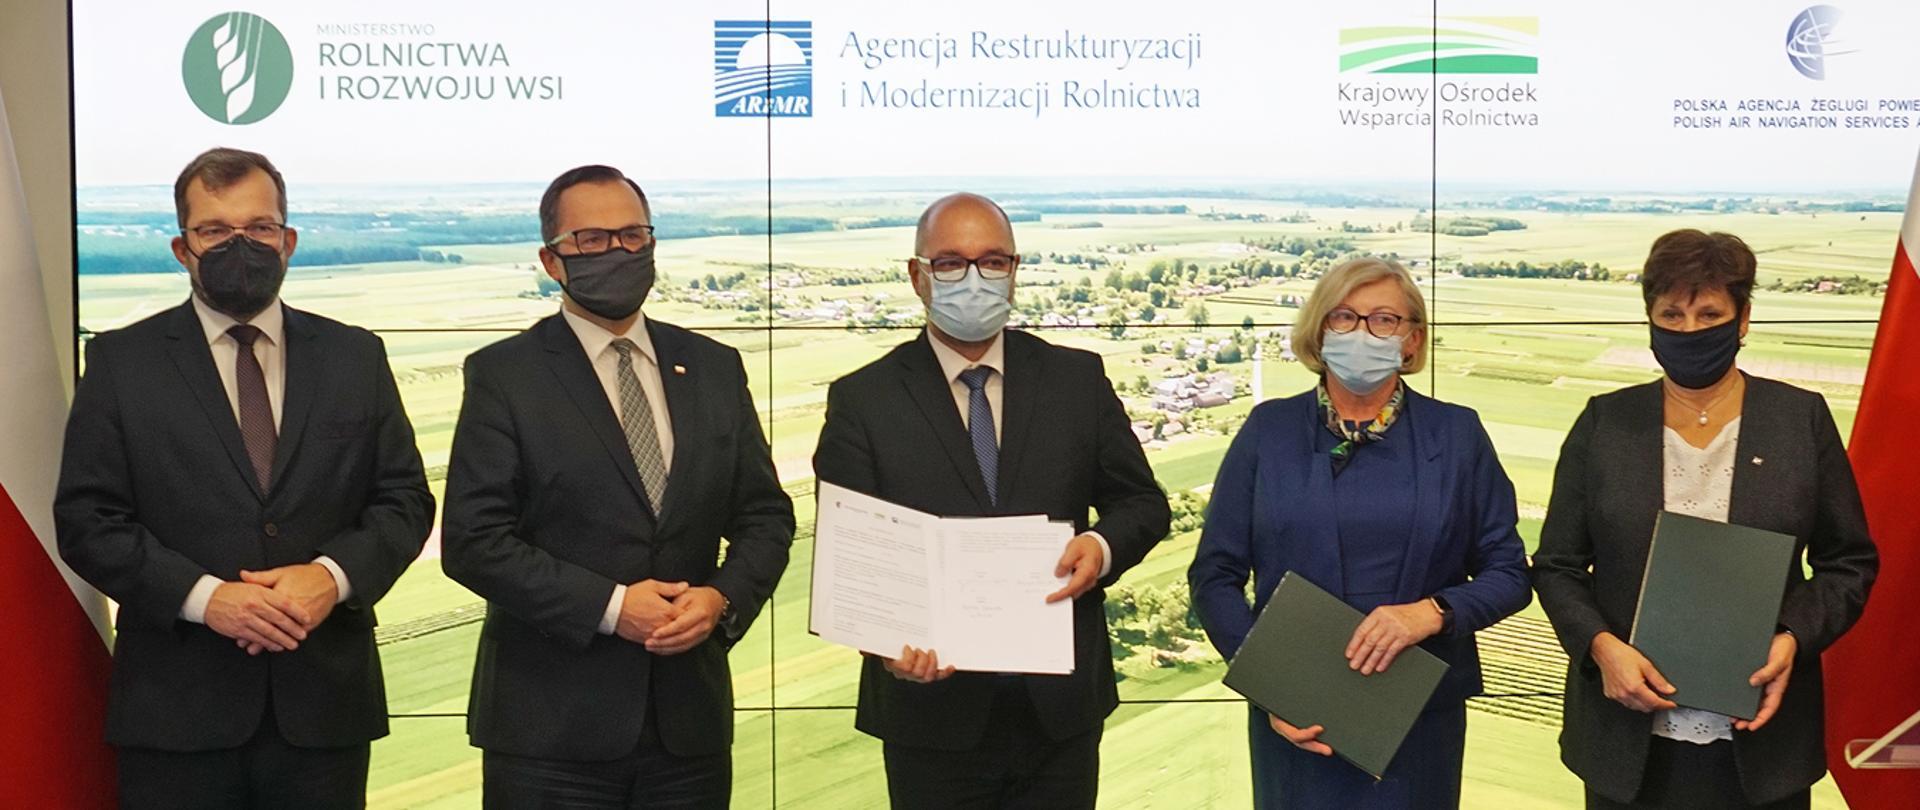 Minister Grzegorz Puda stojący wśród sygnatariuszy listu intencyjnego